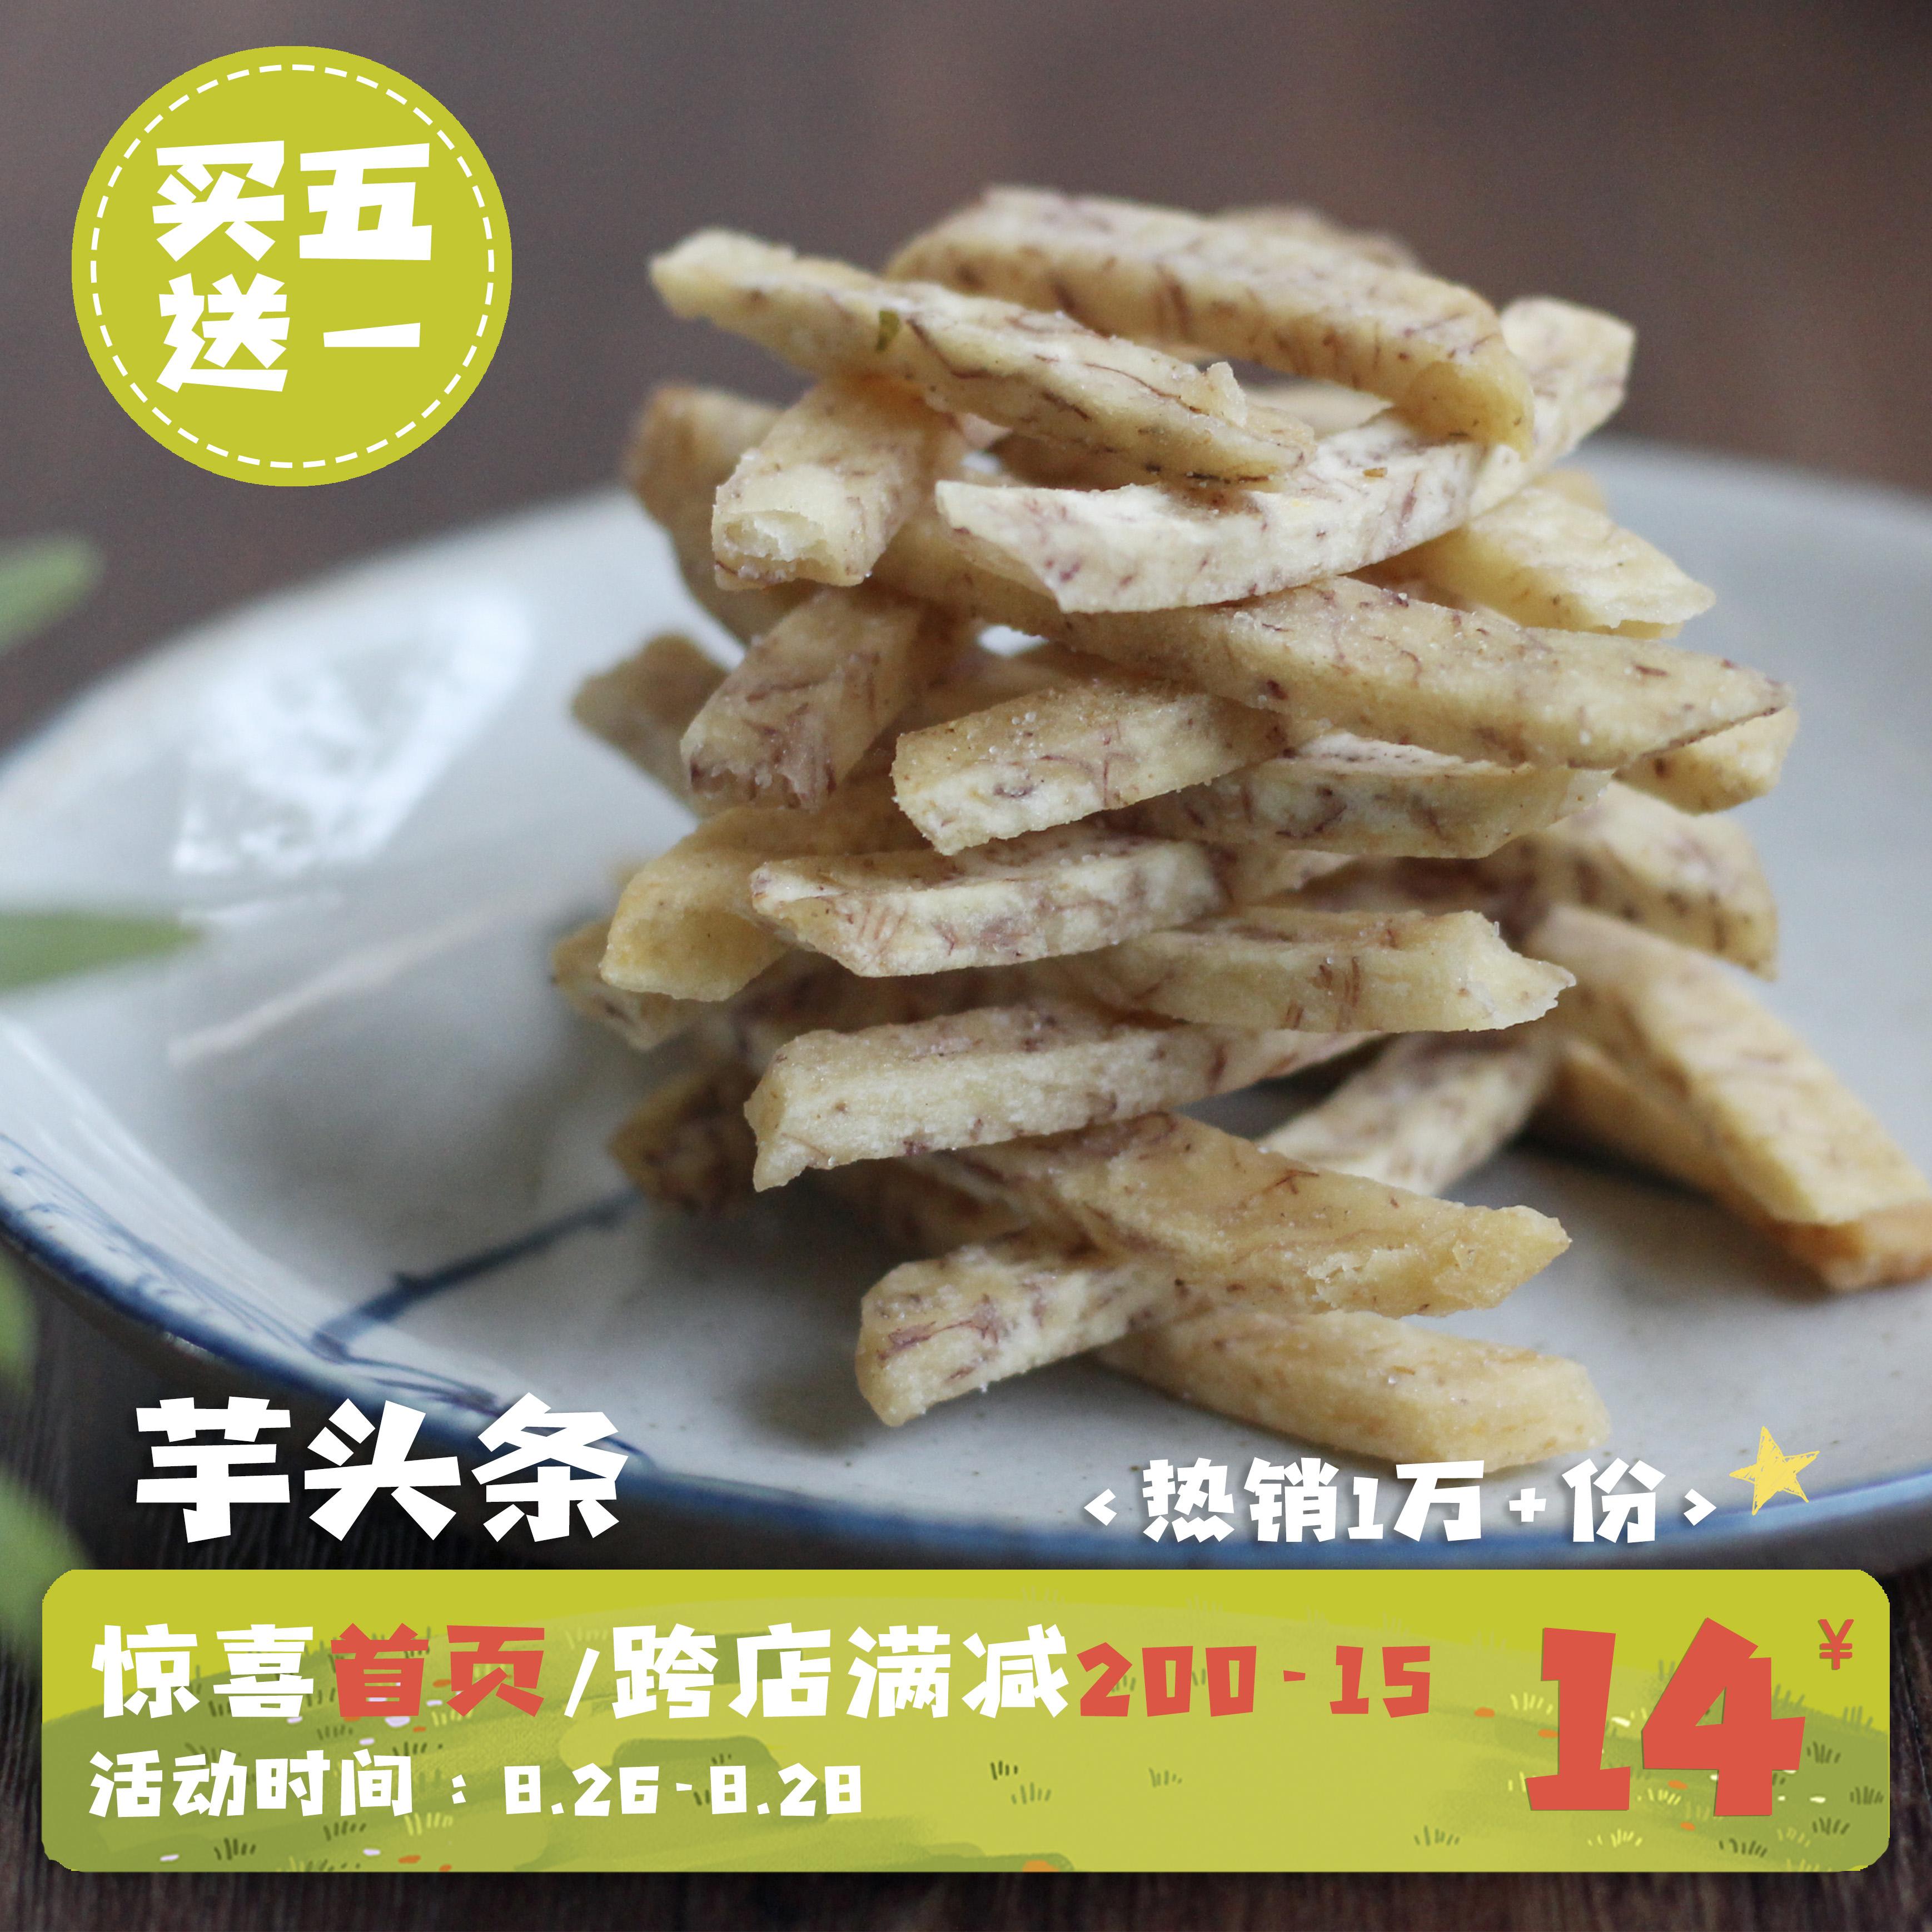 古港食记|潮汕特产椒盐芋头条香芋条芋酥条 咸香手工芋酥零食150g